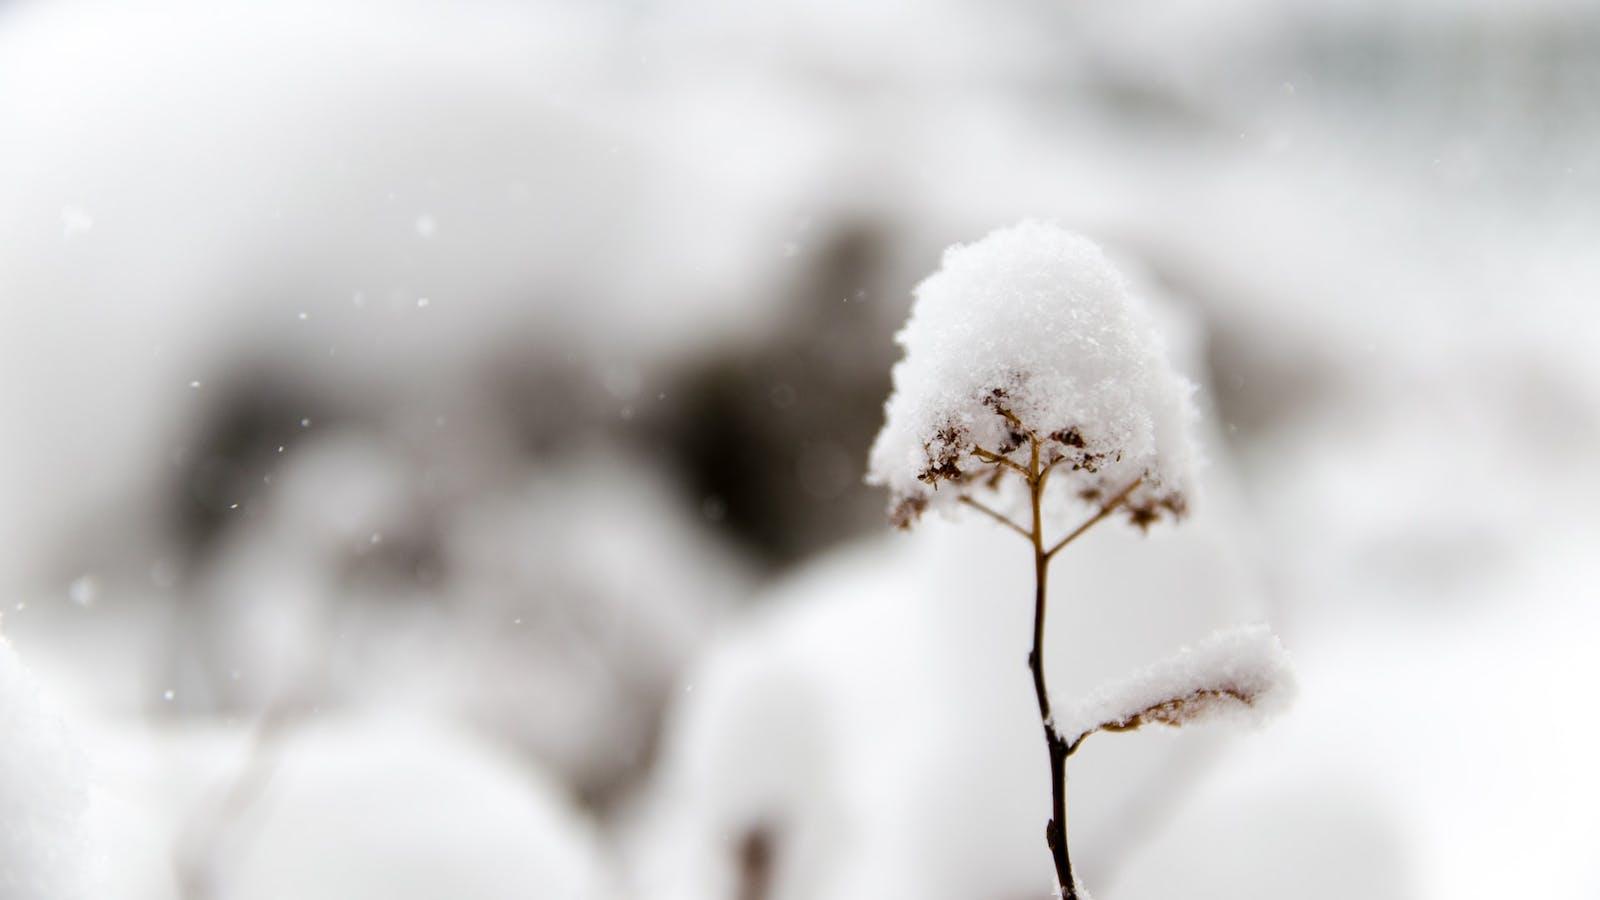 Tige d'arbre surmontée de neige